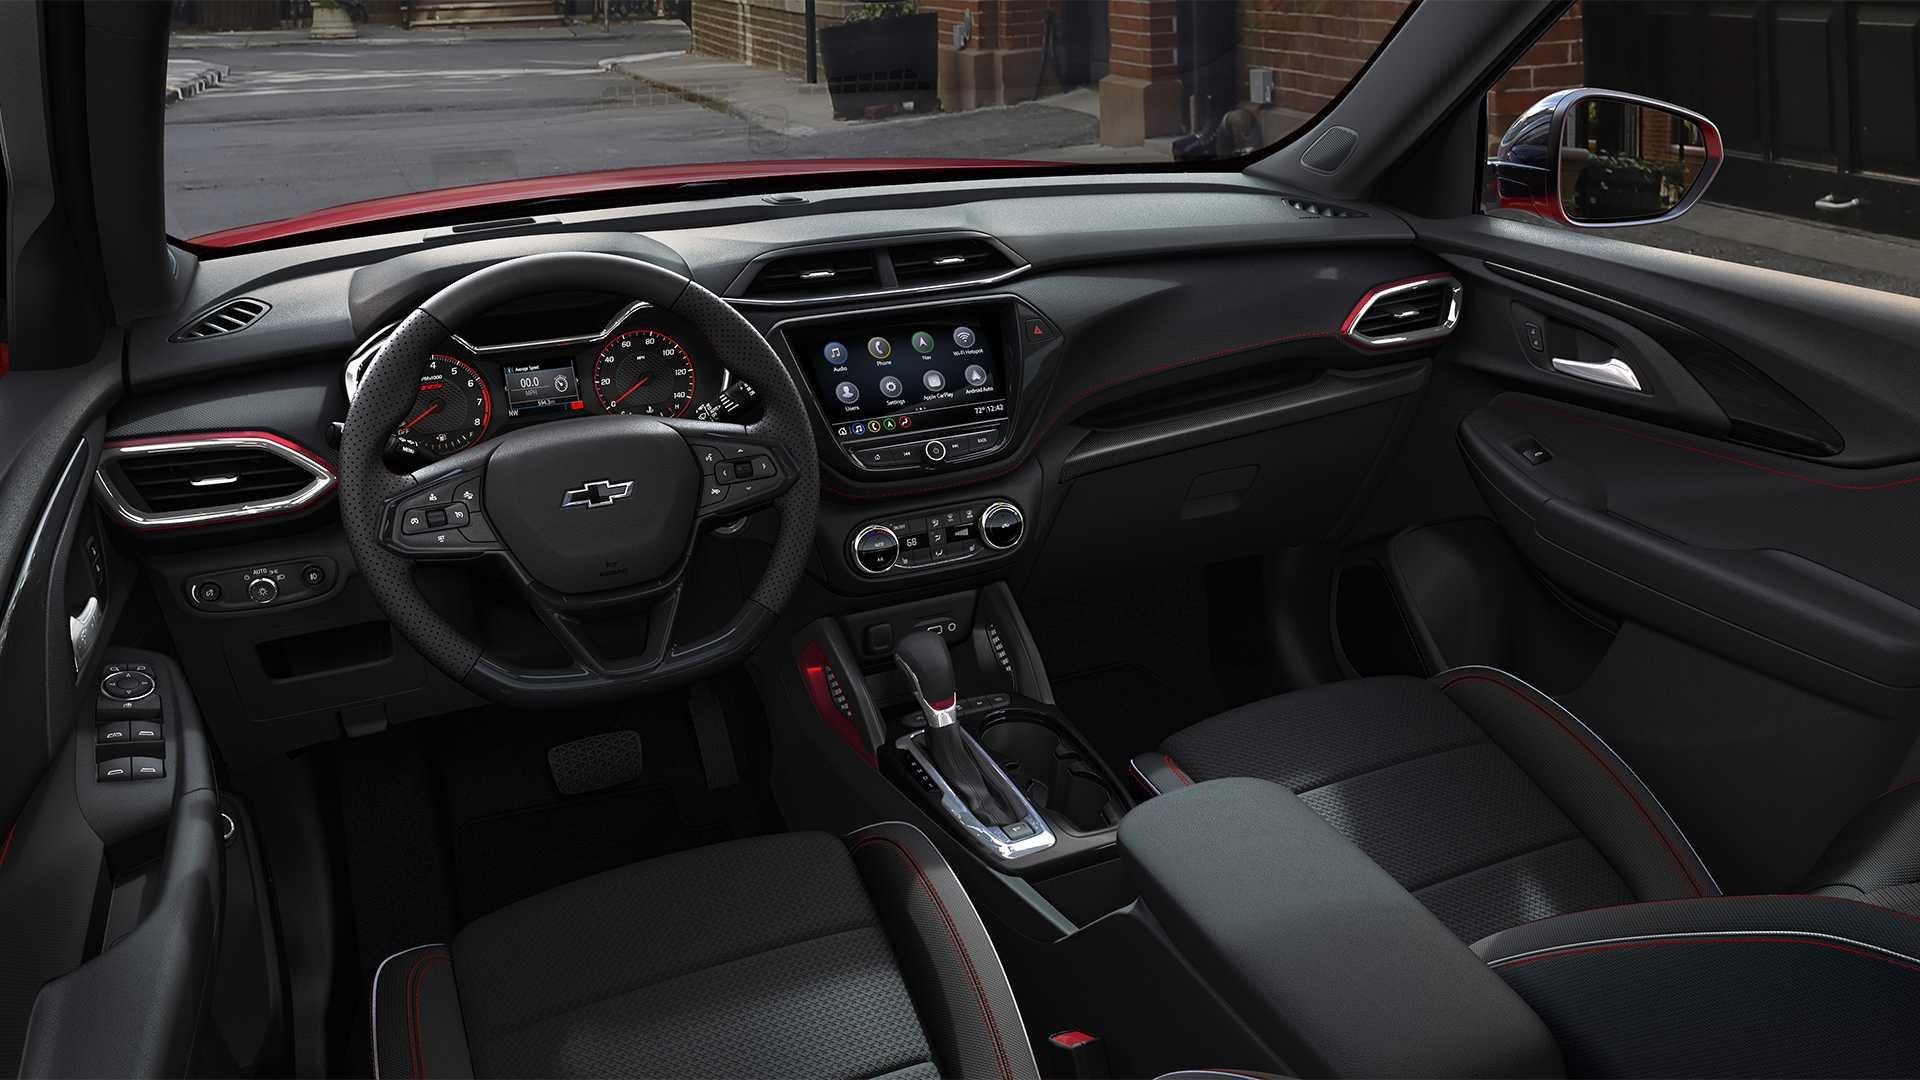 Chevrolet опубликовала фотографии кроссовера Trailblazer для американского рынка